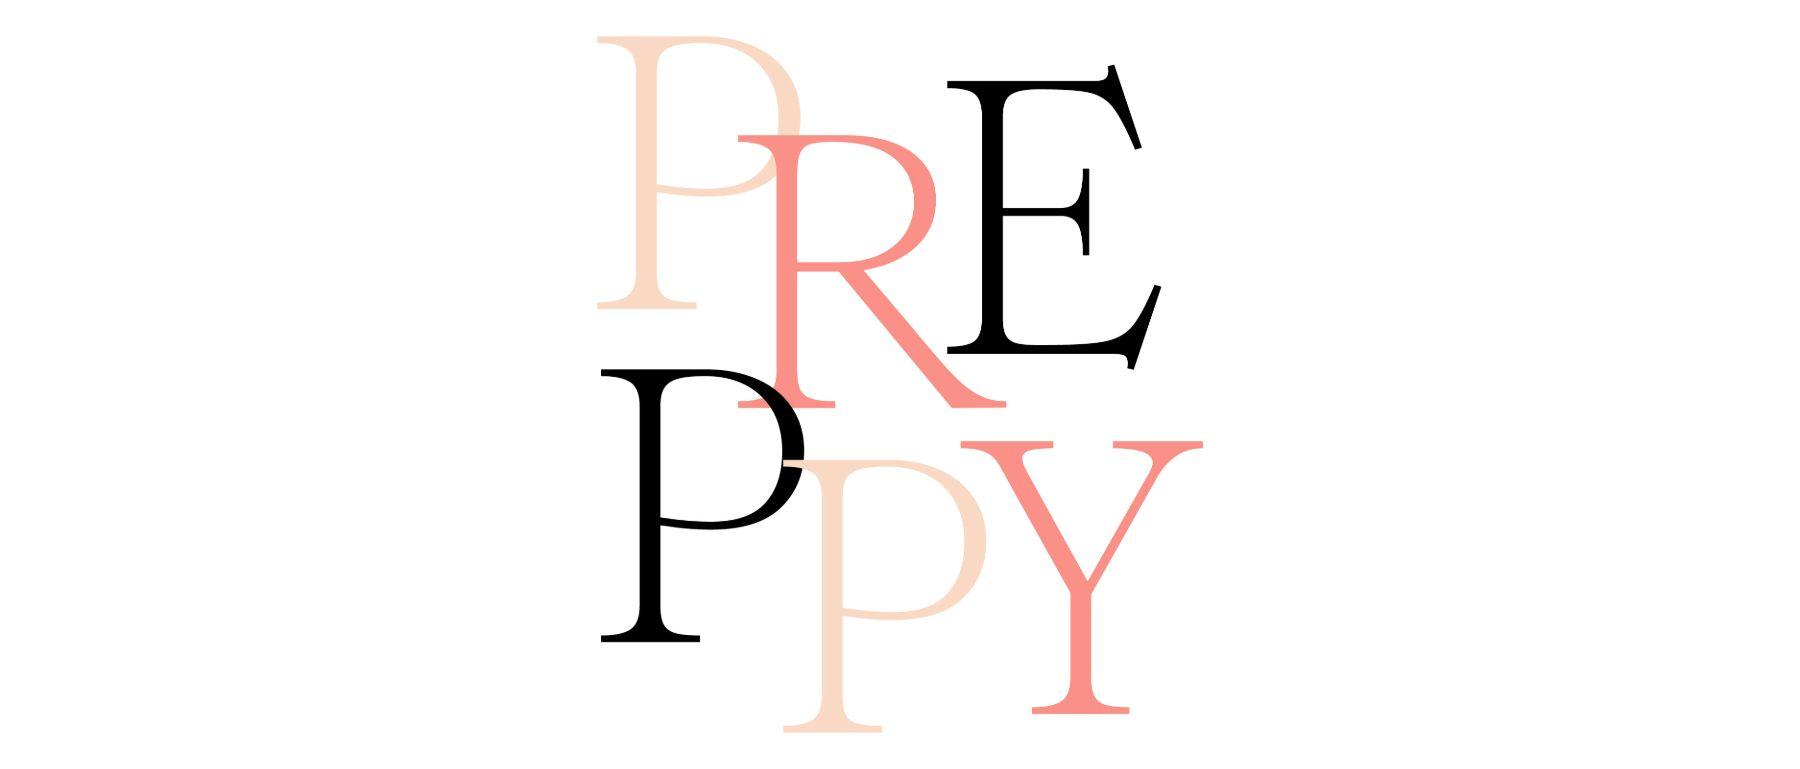 Cos'è lo stile Preppy